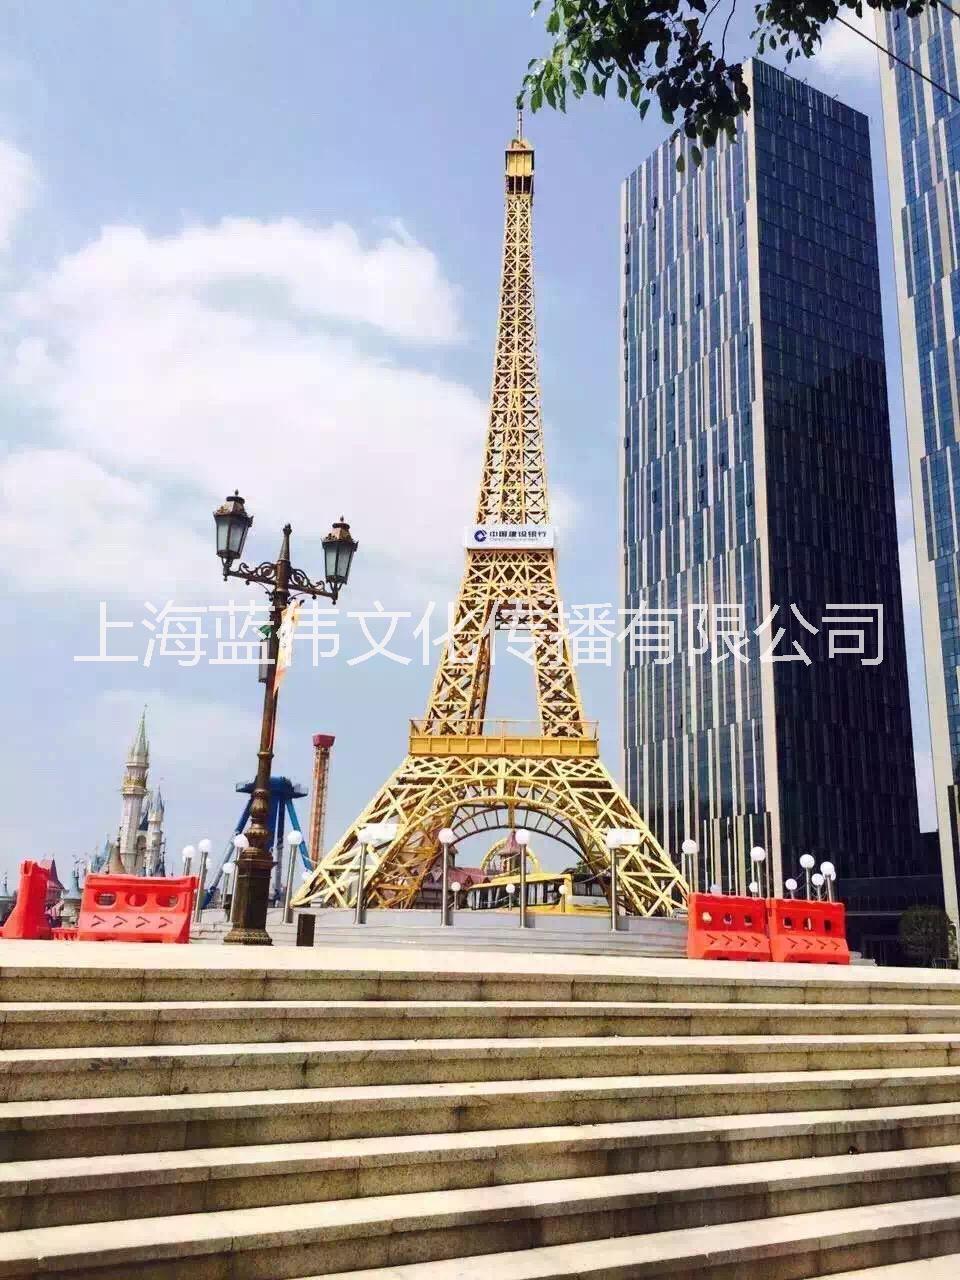 供应微景观出租出售埃菲尔铁塔自由女神 微景观中国长城高仿比萨斜塔凯旋门金字塔斗兽场7米10米17米埃菲尔铁塔定制出租出售